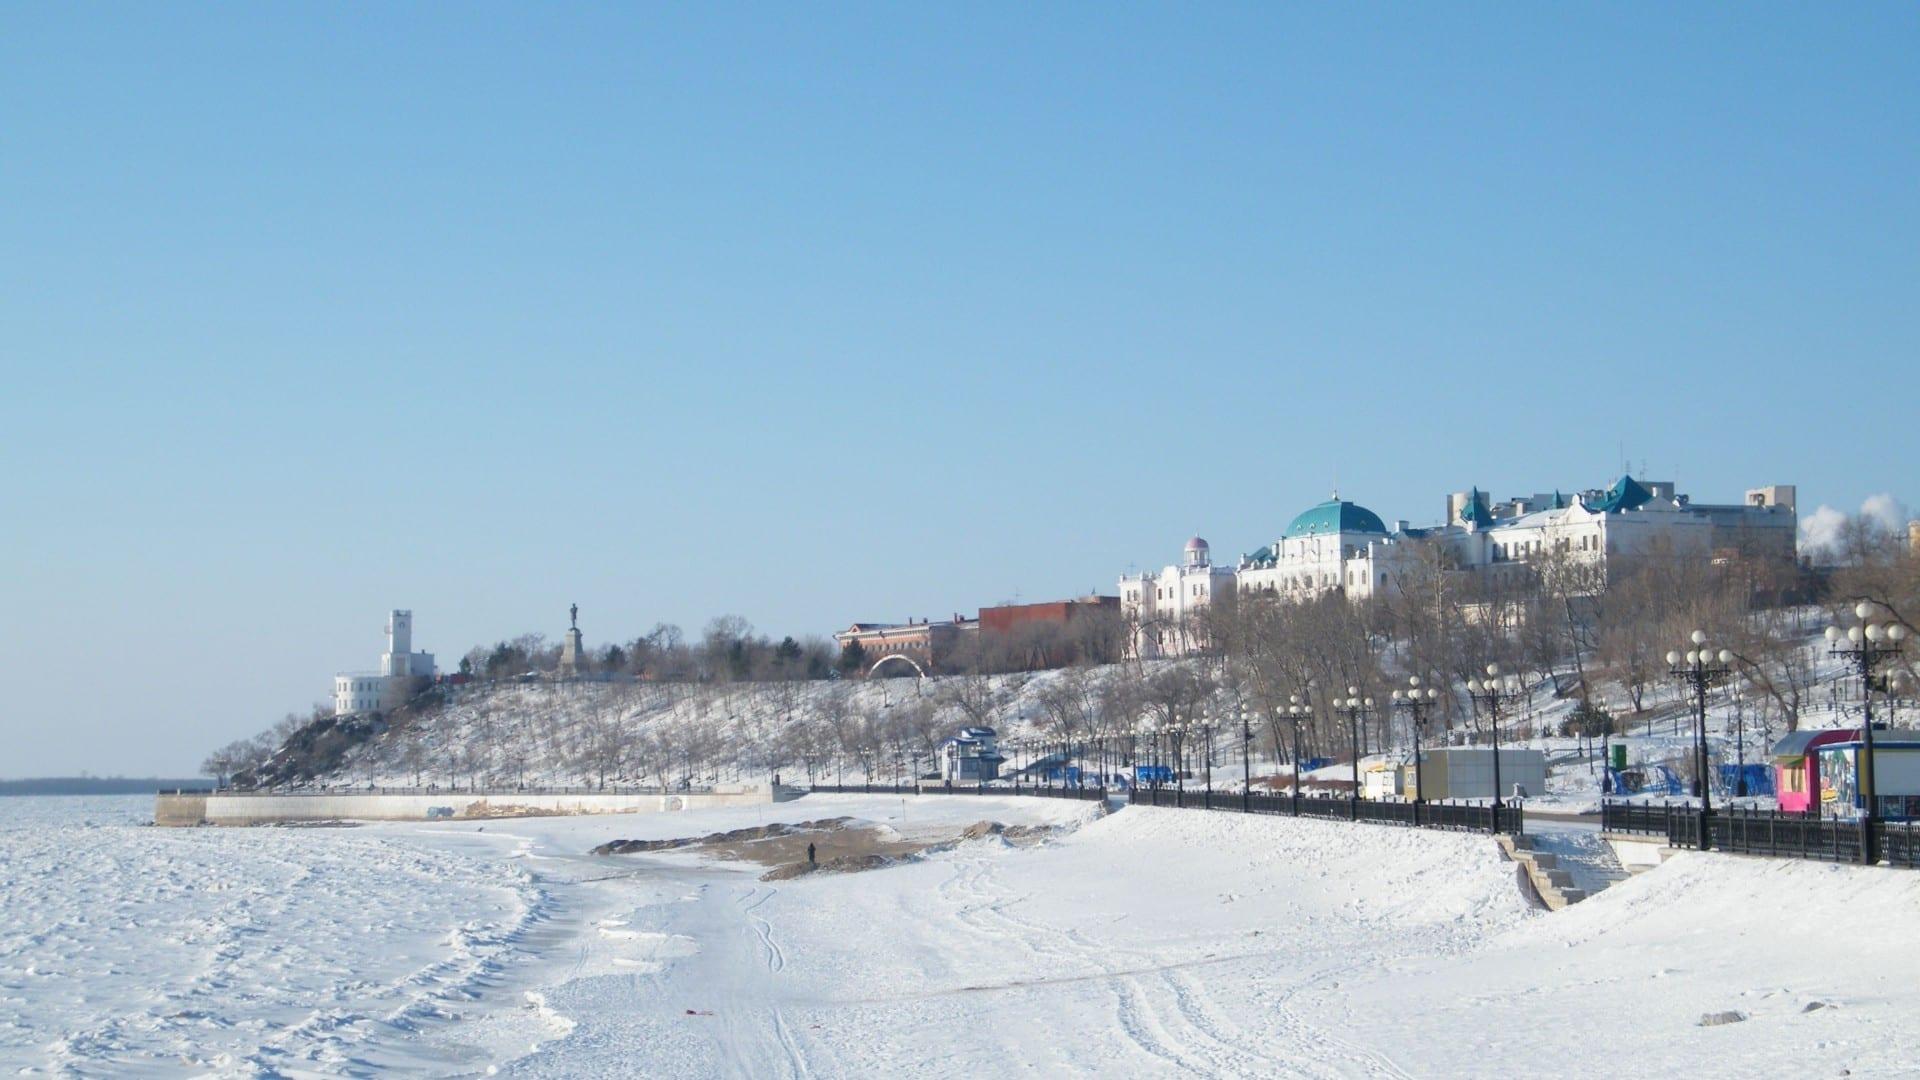 La orilla del río Amur en invierno. Khabarovsk Rusia